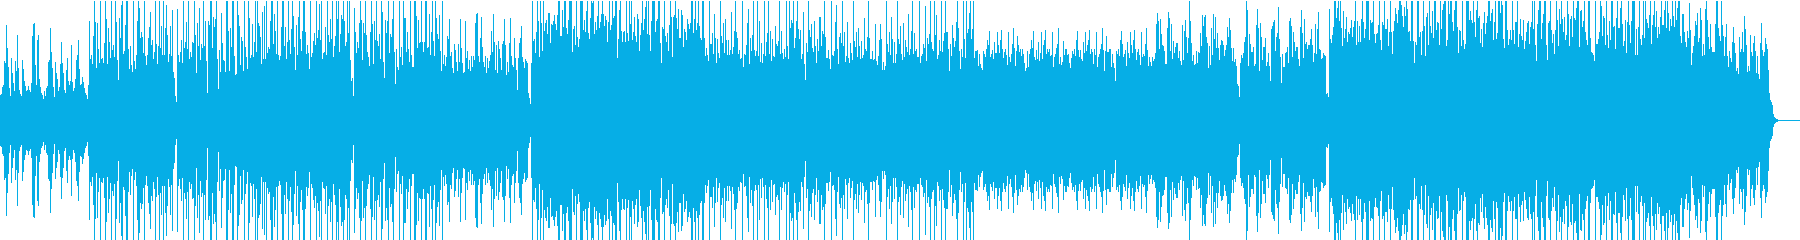 切ないピアノ・癒しのバラードの再生済みの波形